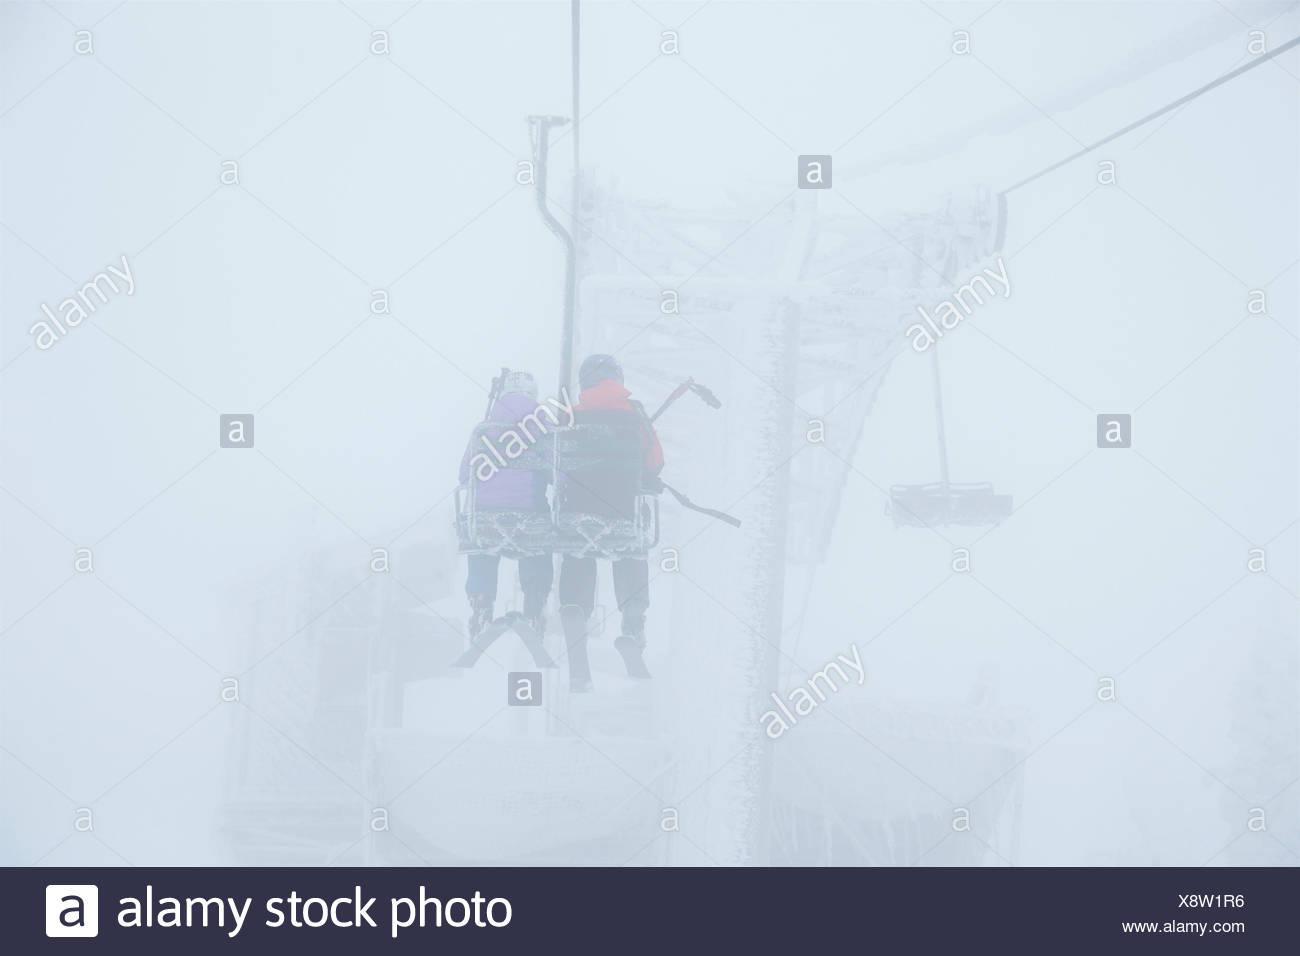 Frères et sœurs équitation le télésiège pour skier dans des conditions orageuses. Photo Stock